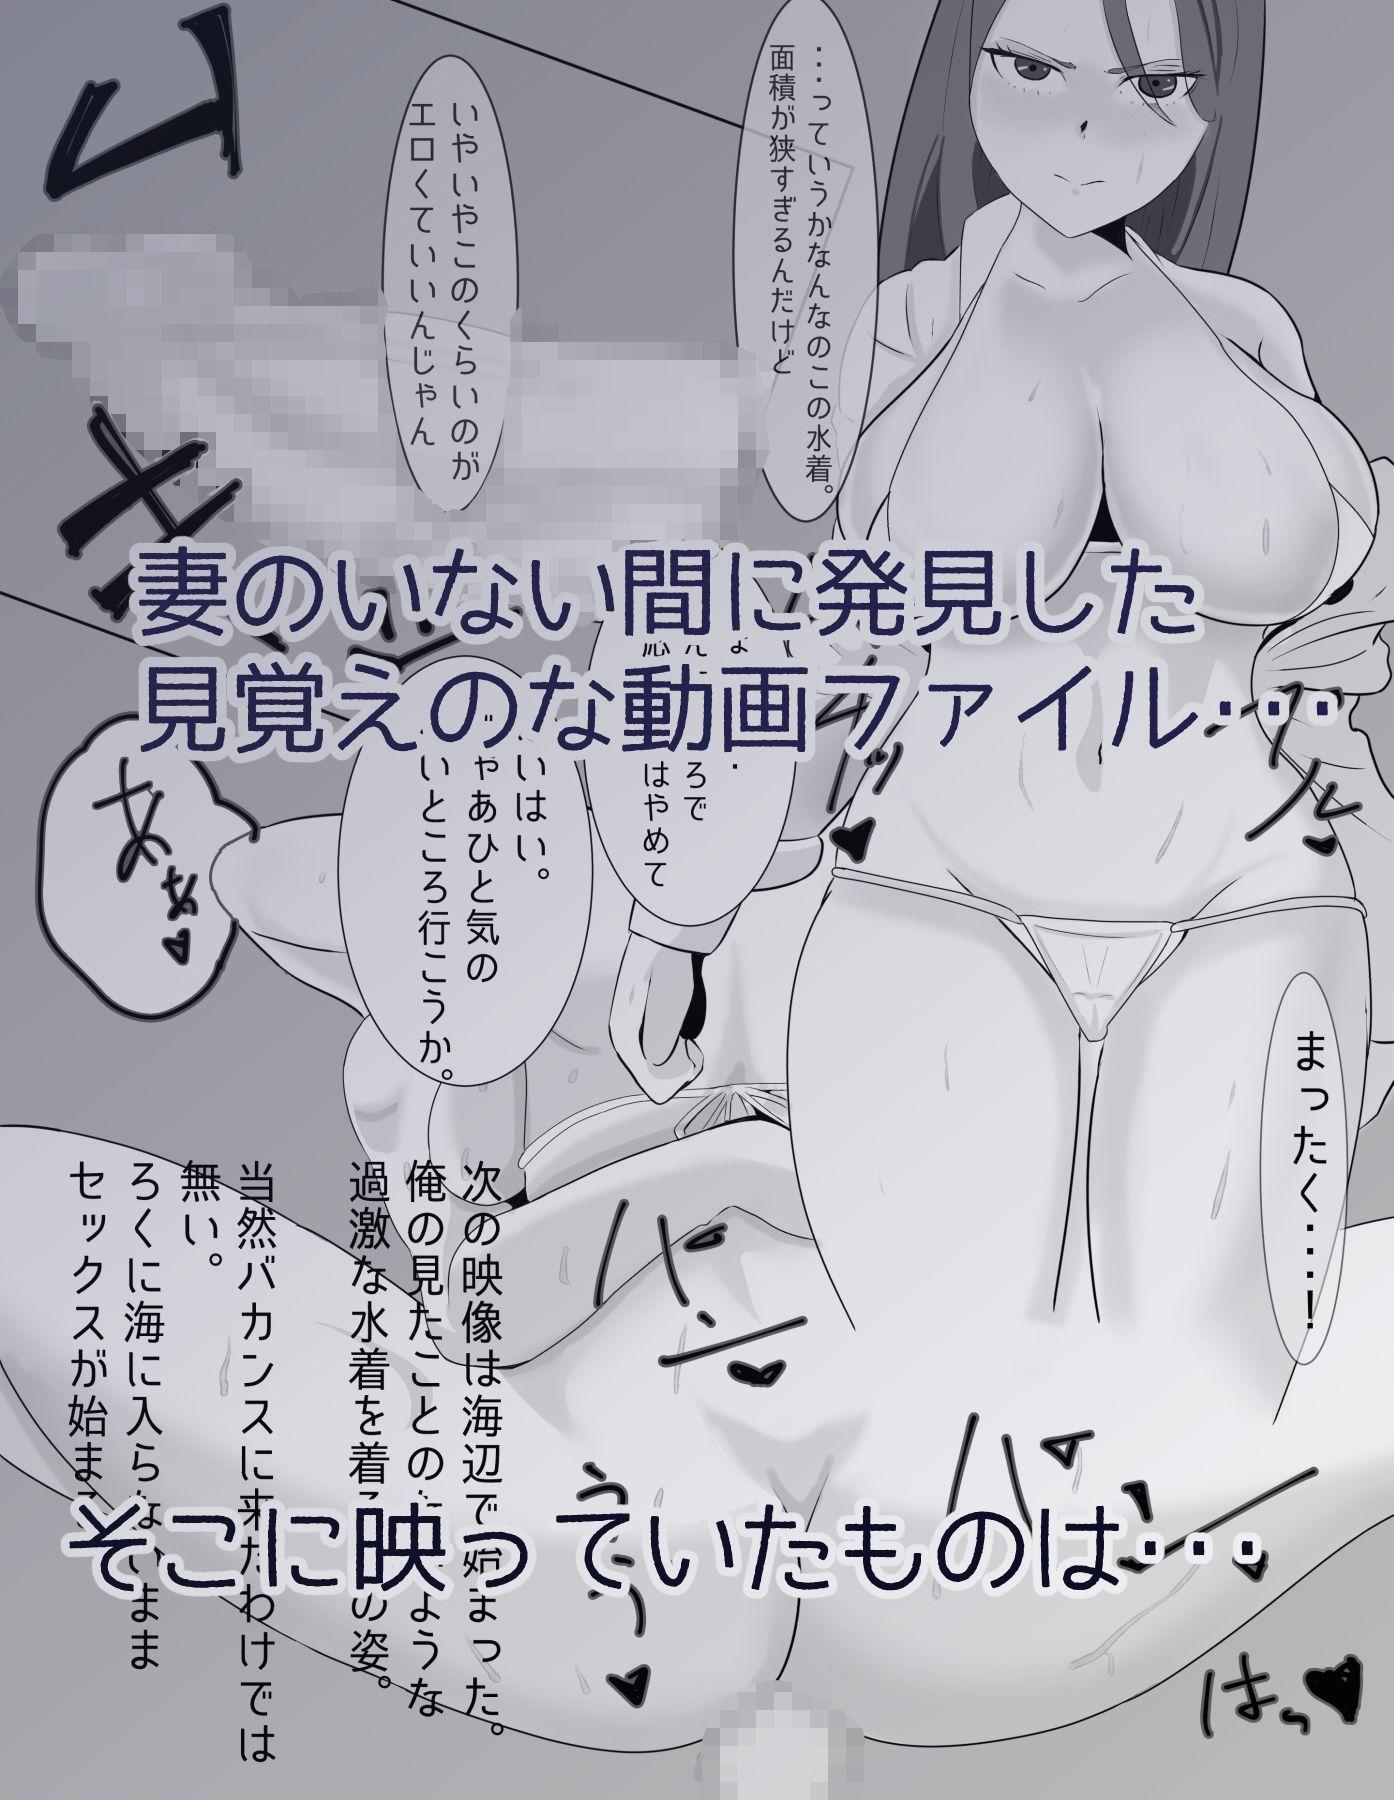 【モール 同人】妻とチャラ男の寝取られビデオファイル~俺に見せない裏の顔~